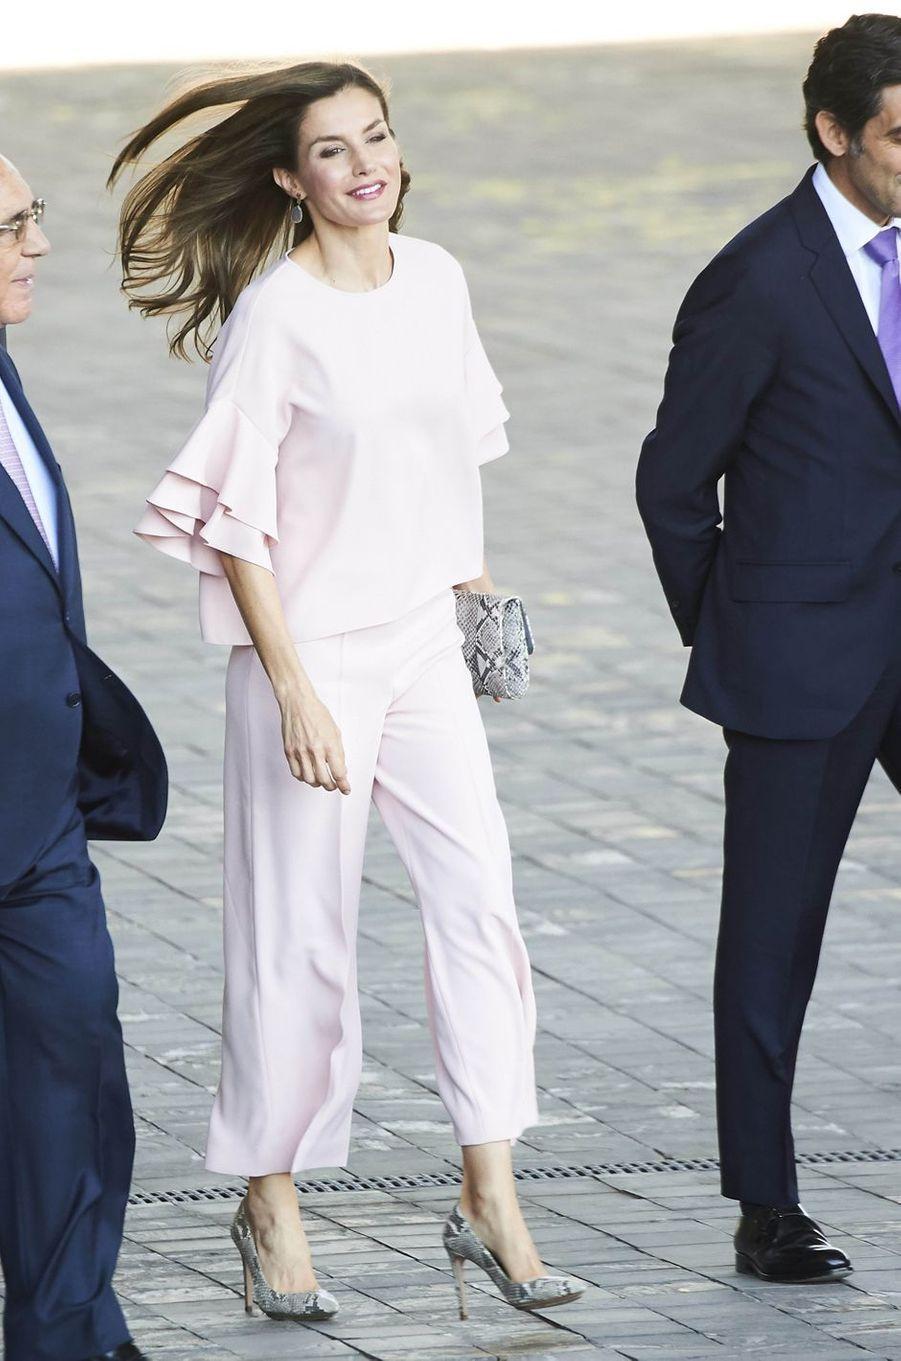 La reine Letizia d'Espagne dans un look Zara à Madrid, le 4 juillet 2017